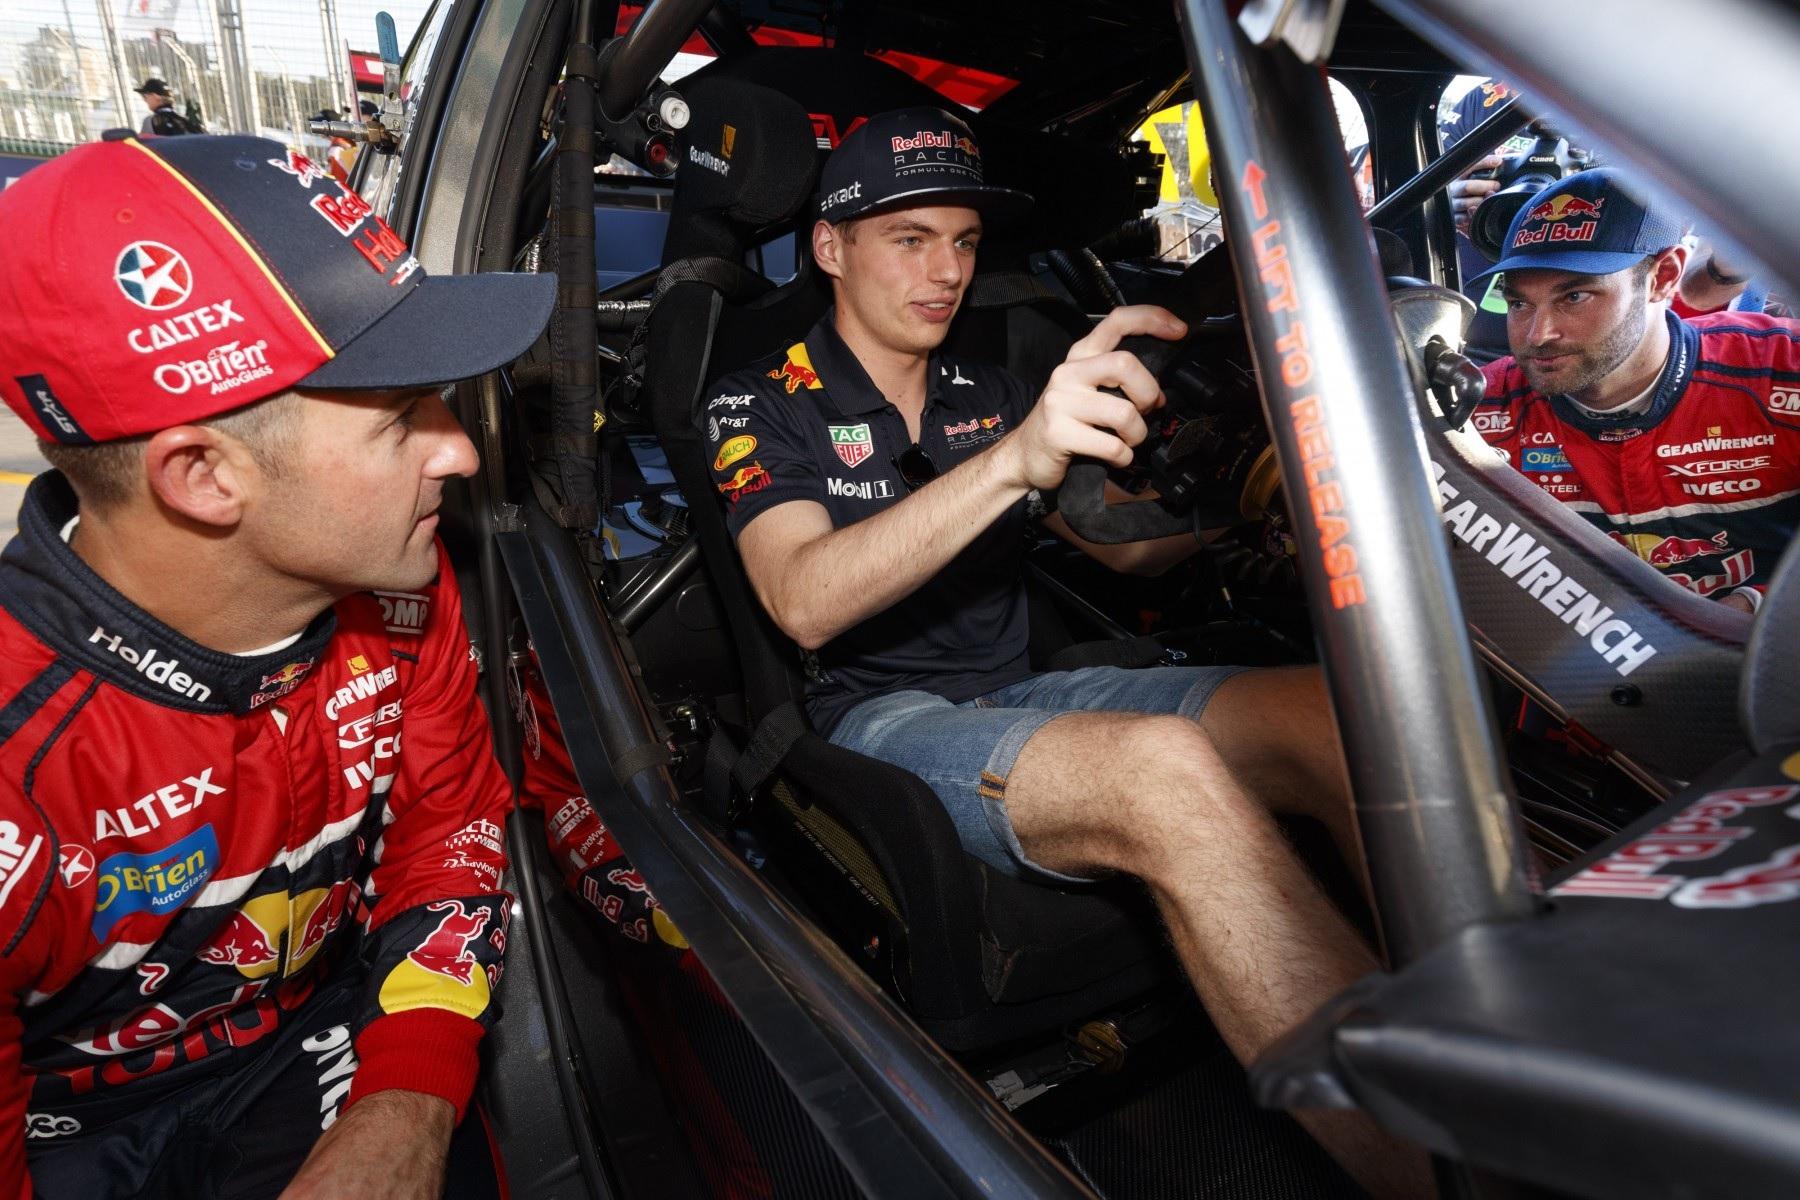 Max Verstappen Supercars All StarsEseries